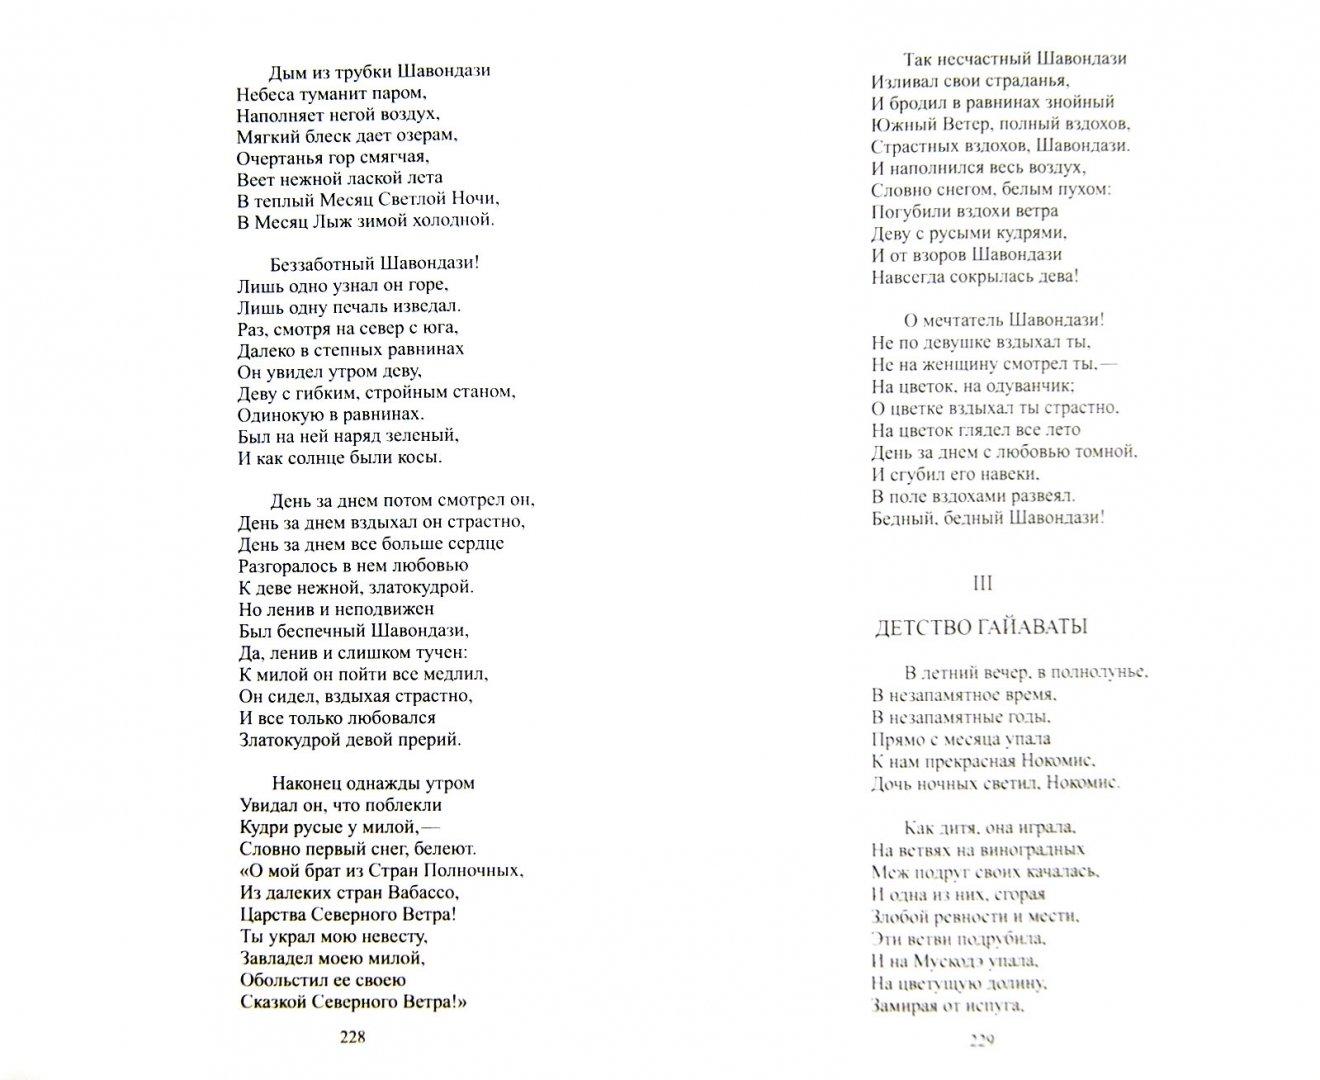 Иллюстрация 1 из 18 для Темные аллеи. Стихи и проза - Иван Бунин | Лабиринт - книги. Источник: Лабиринт